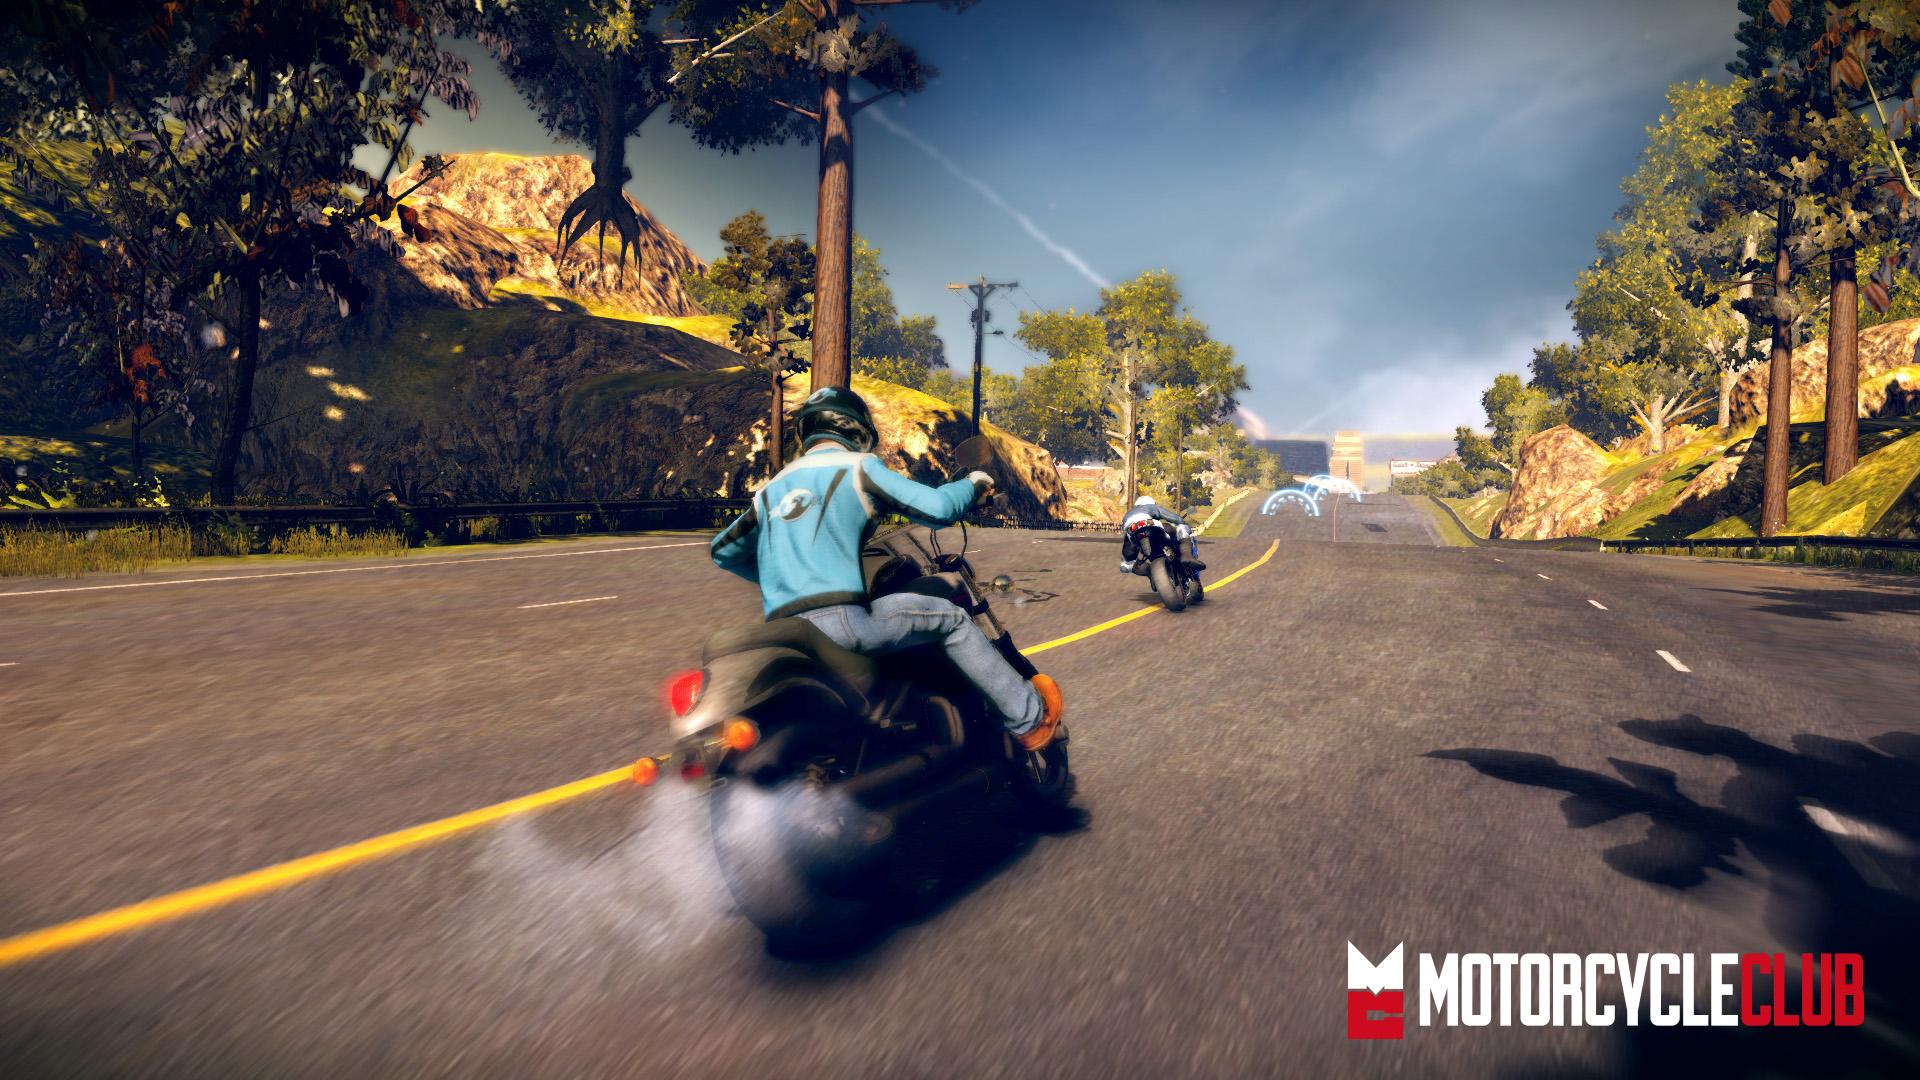 Online Biker Clubs Motorcycleclub Screenshot